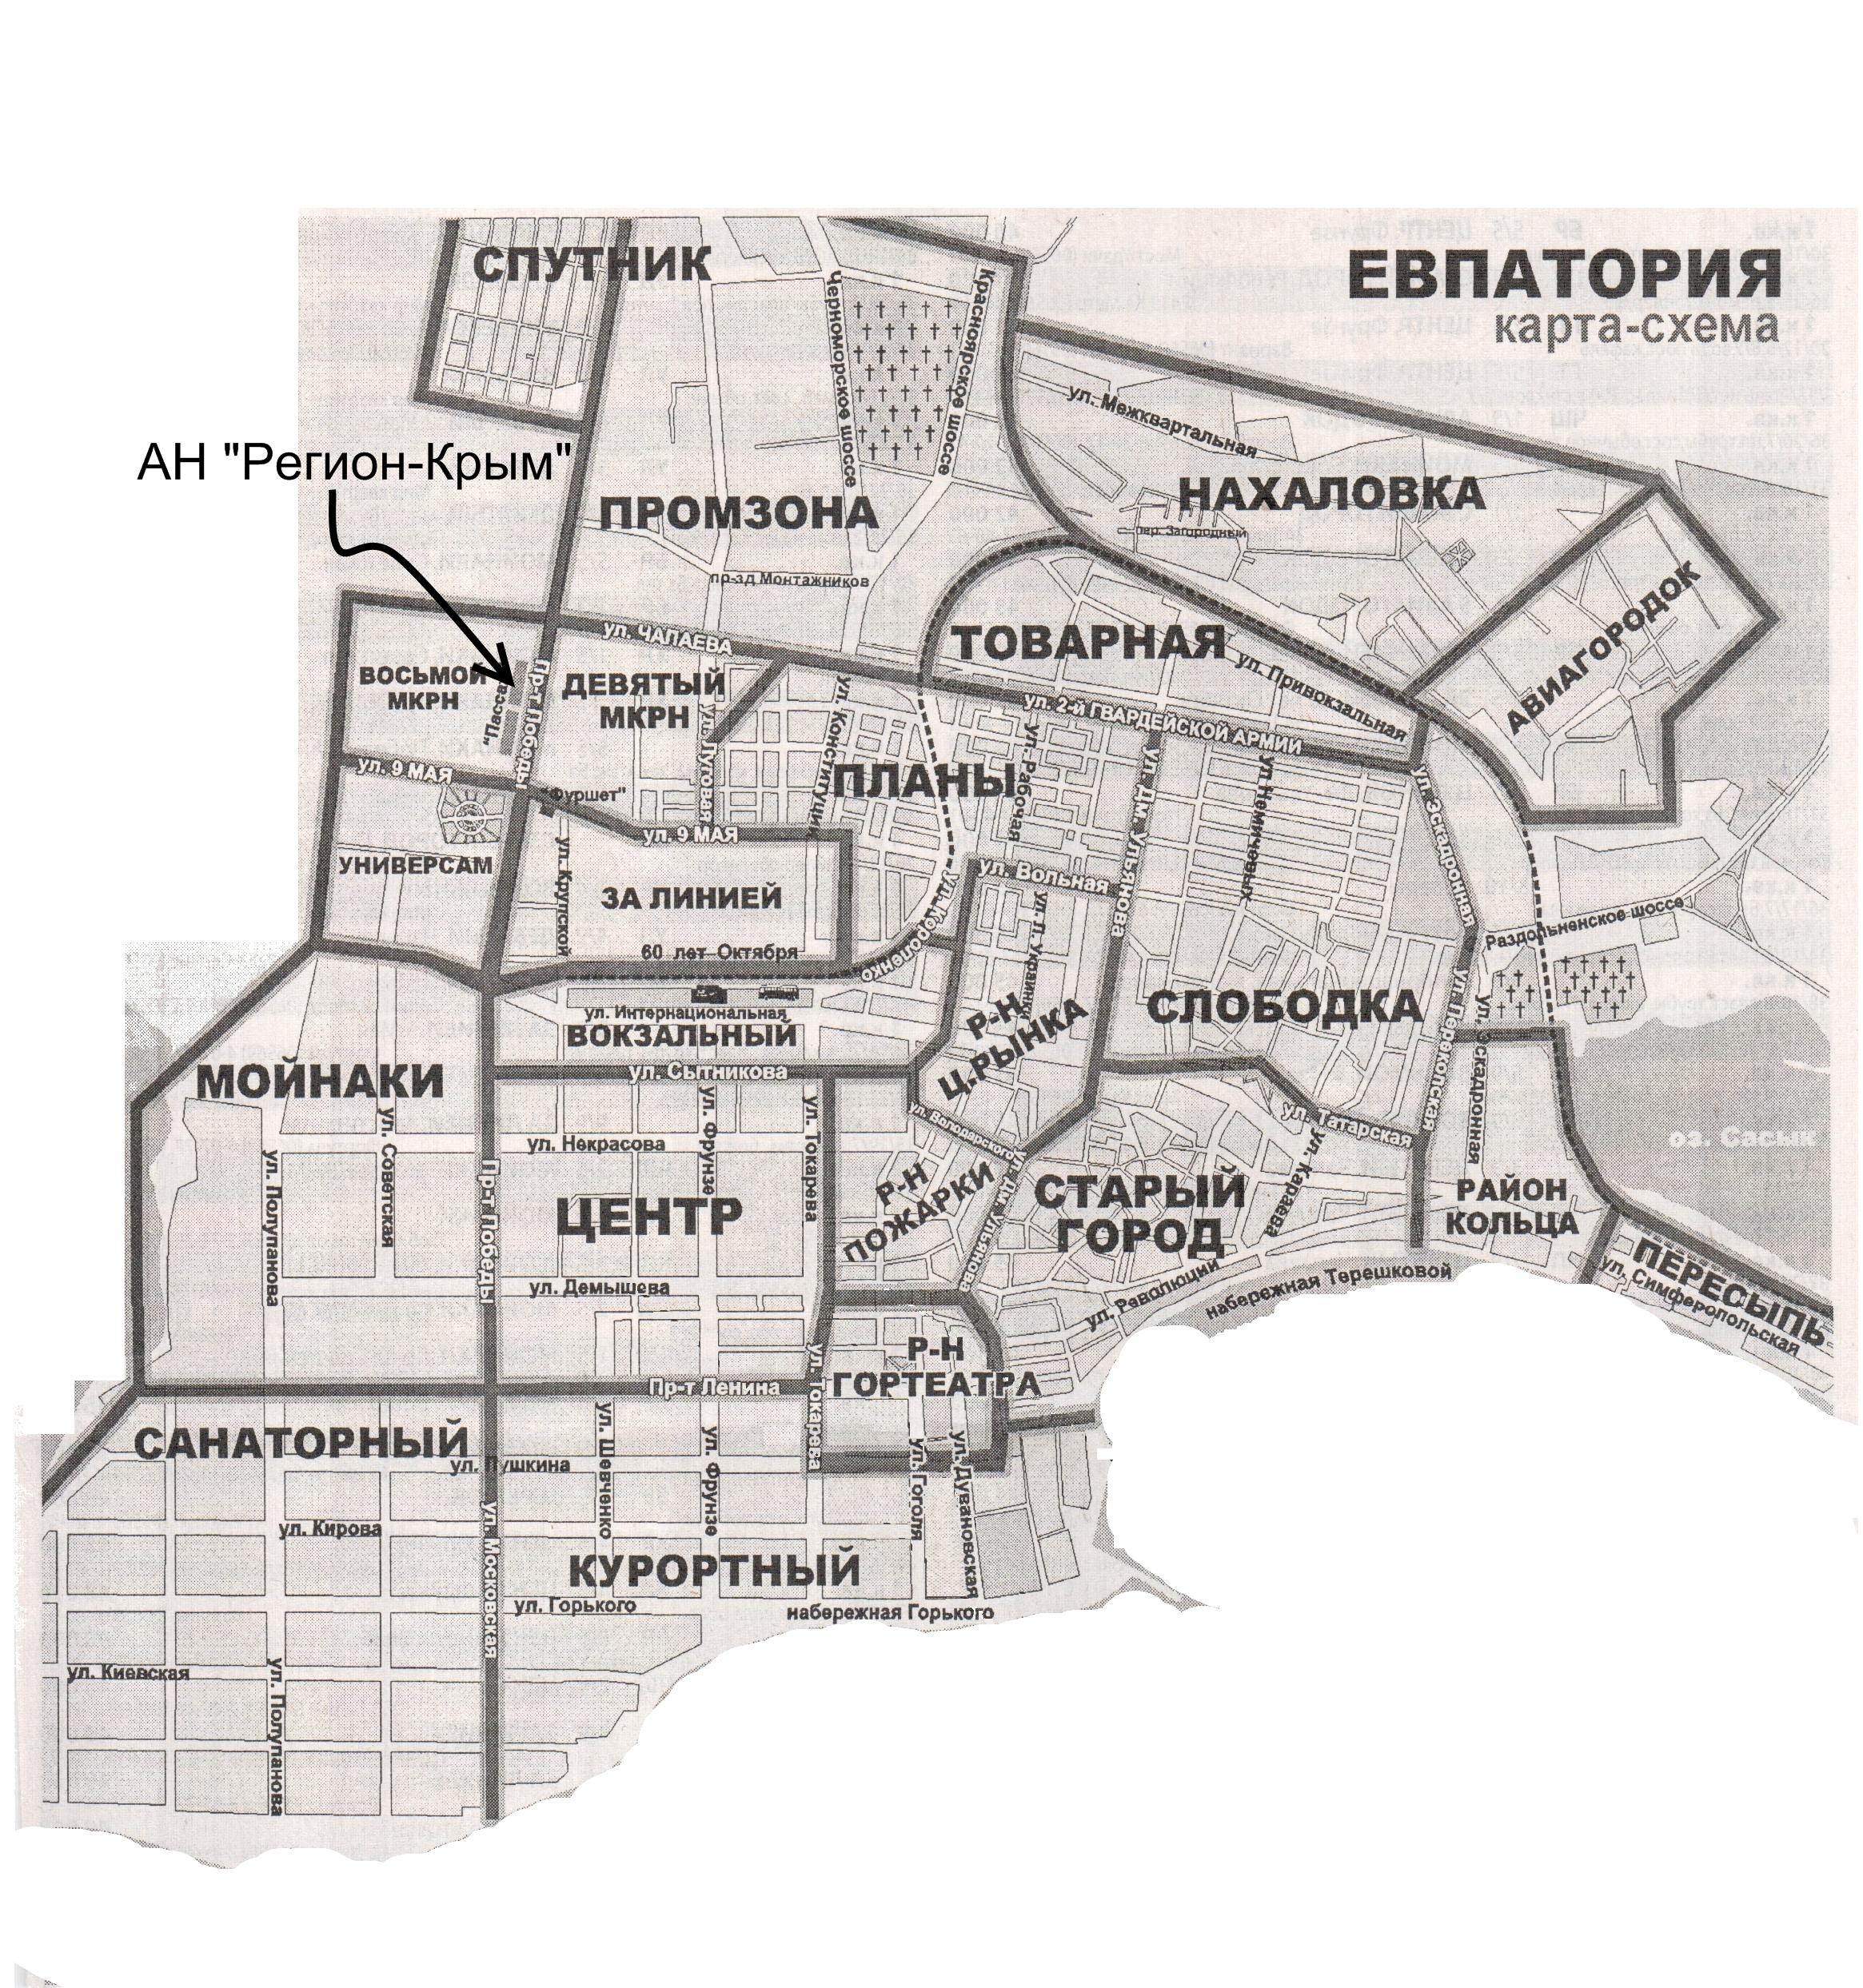 Окресности евпатории карта евпатории